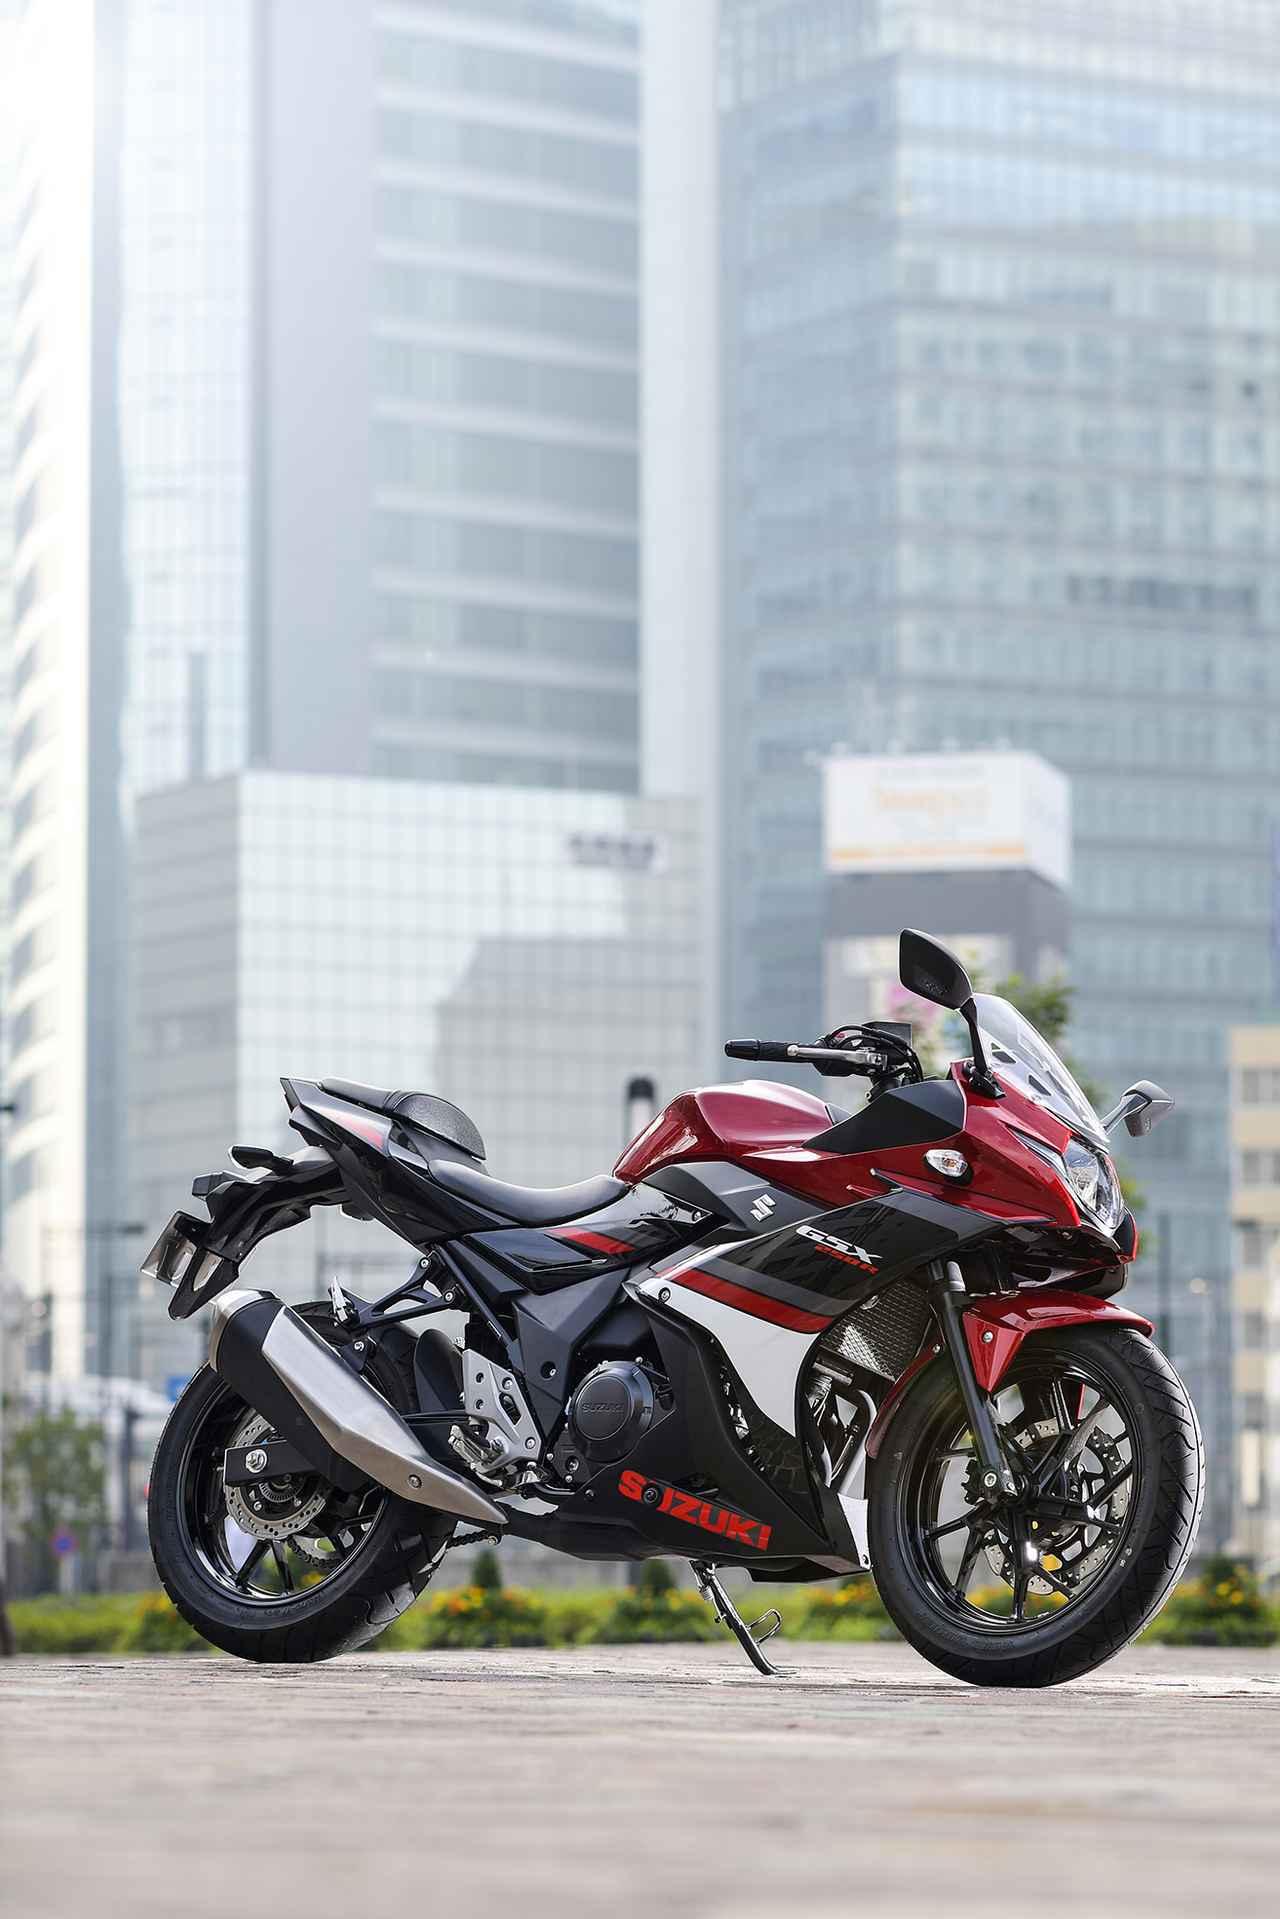 画像2: 【SUZUKI GSX250R乗りの幸せ①~③】数ある250ccのバイクの中からスズキ『GSX250R』を選んで正解!と思う⑨の理由